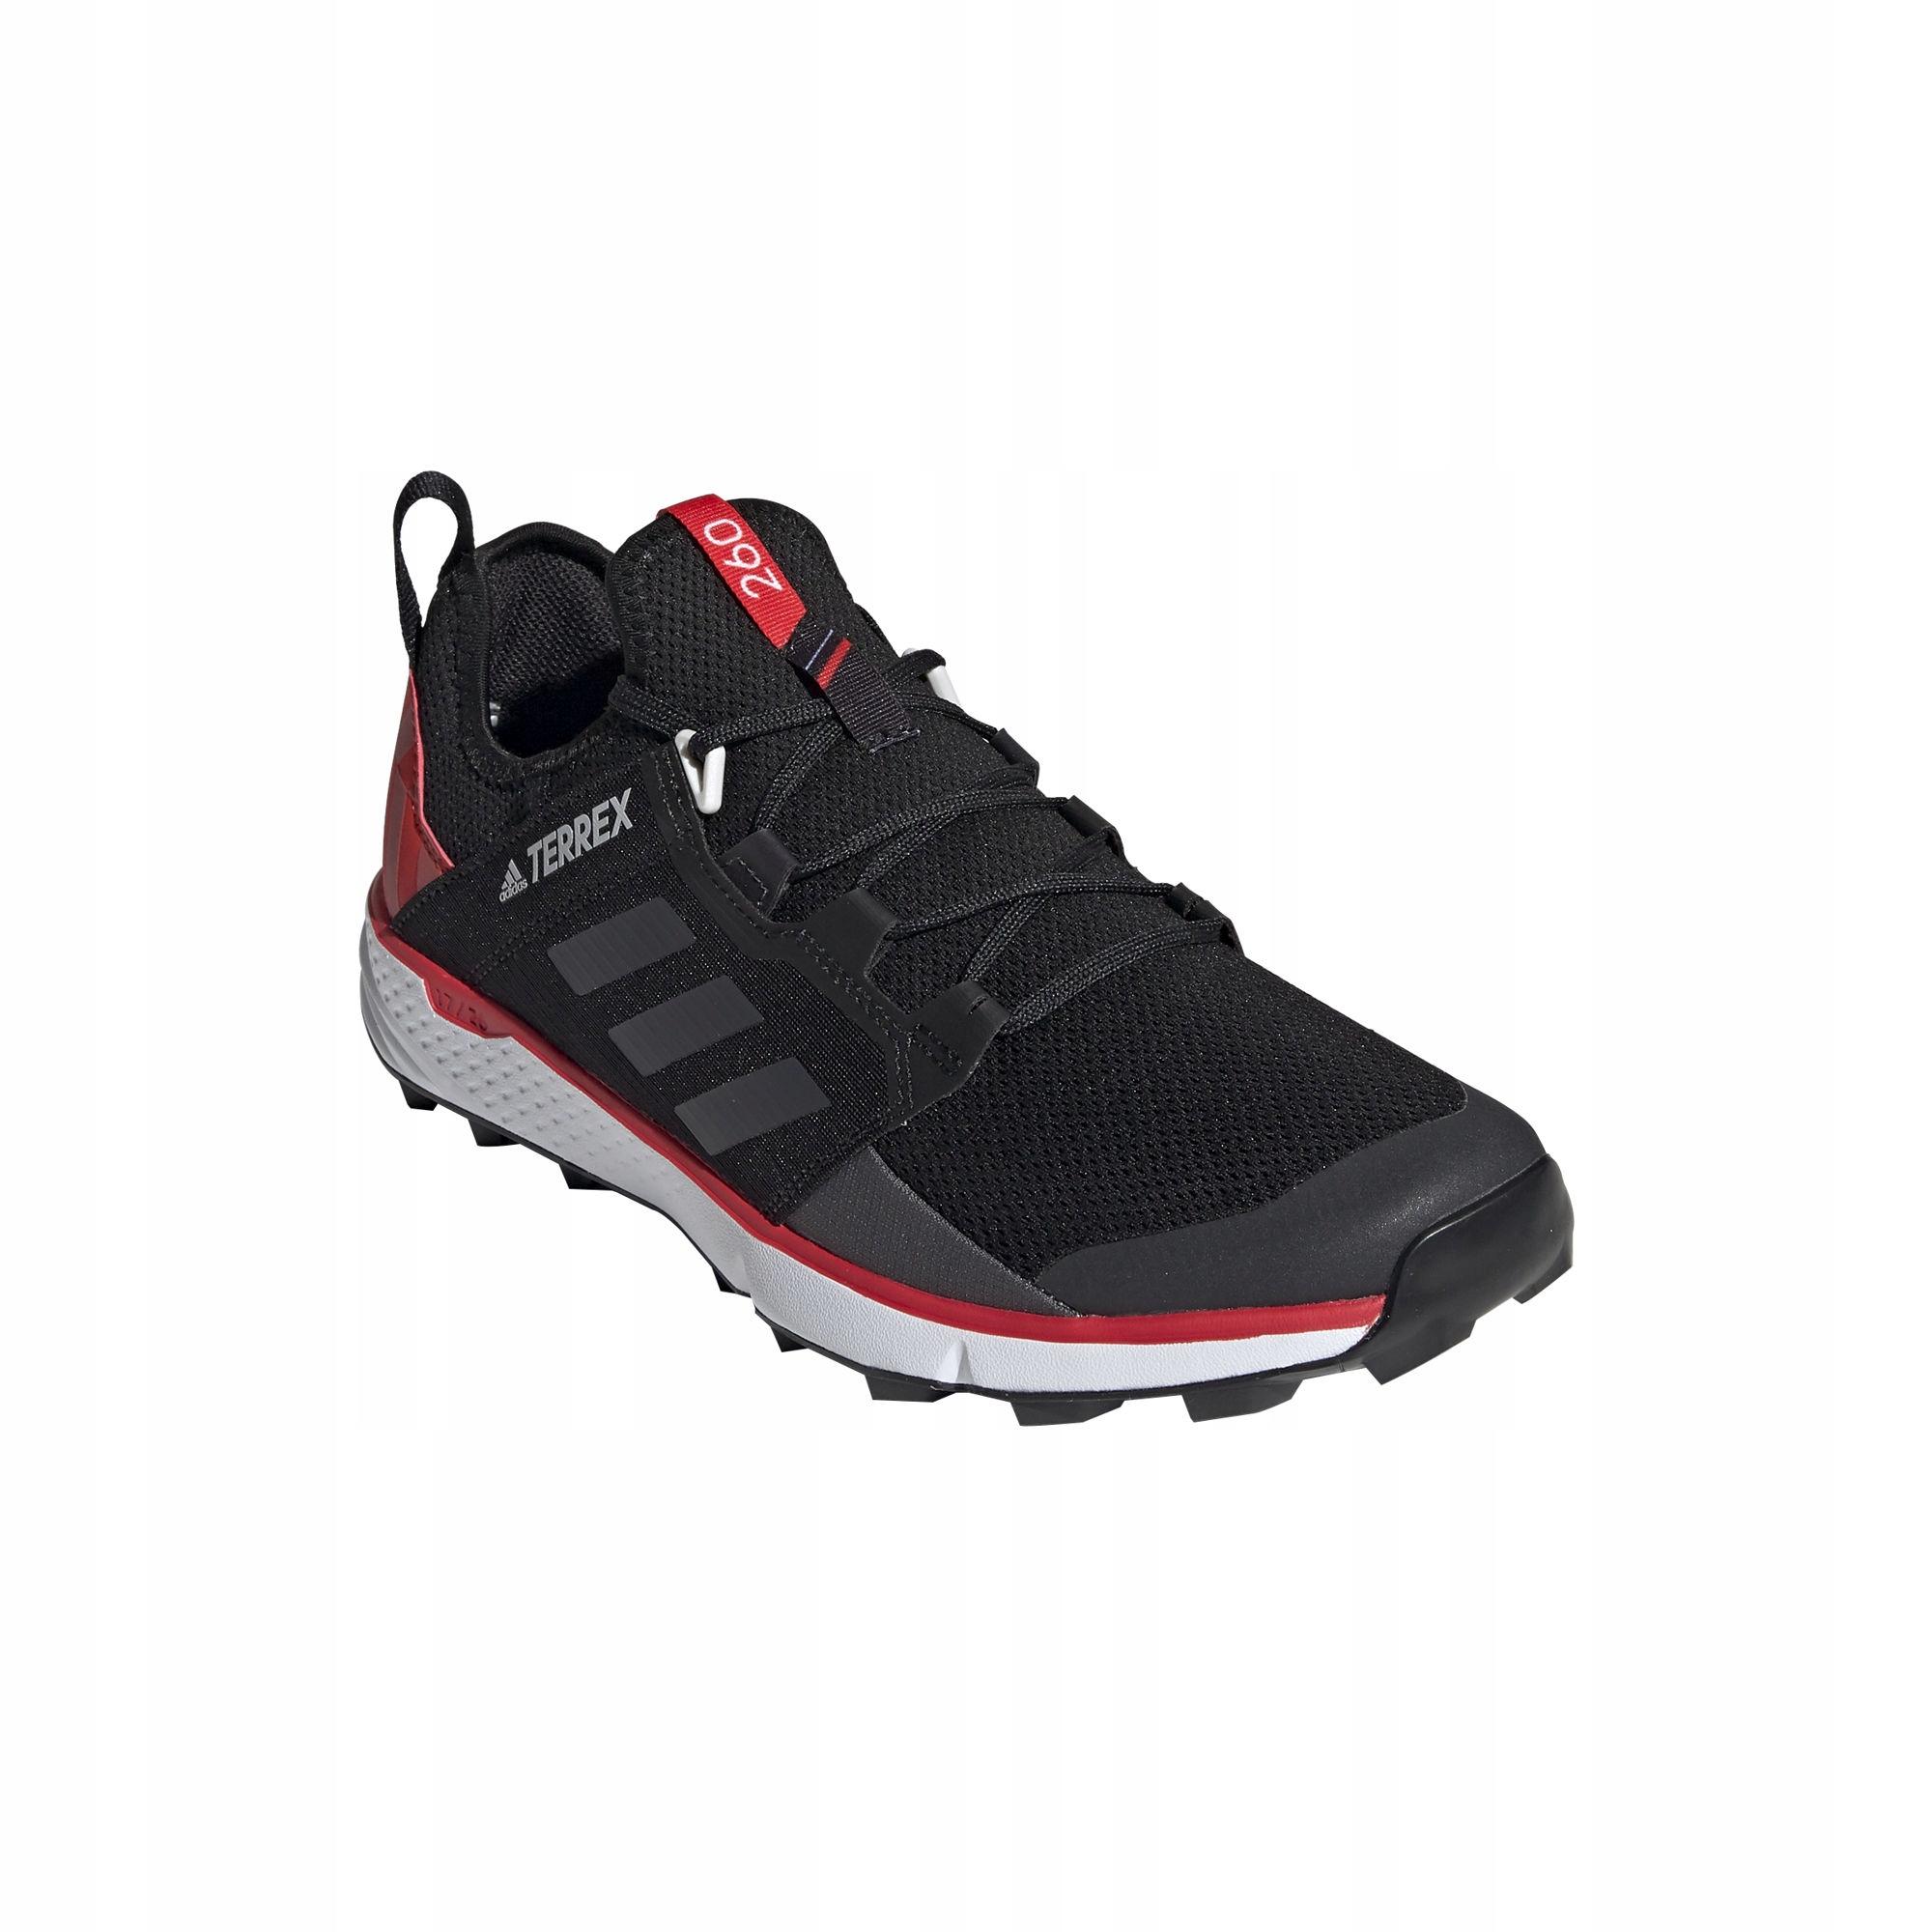 Buty męskie adidas Terrex Speed G26382 43 1/3